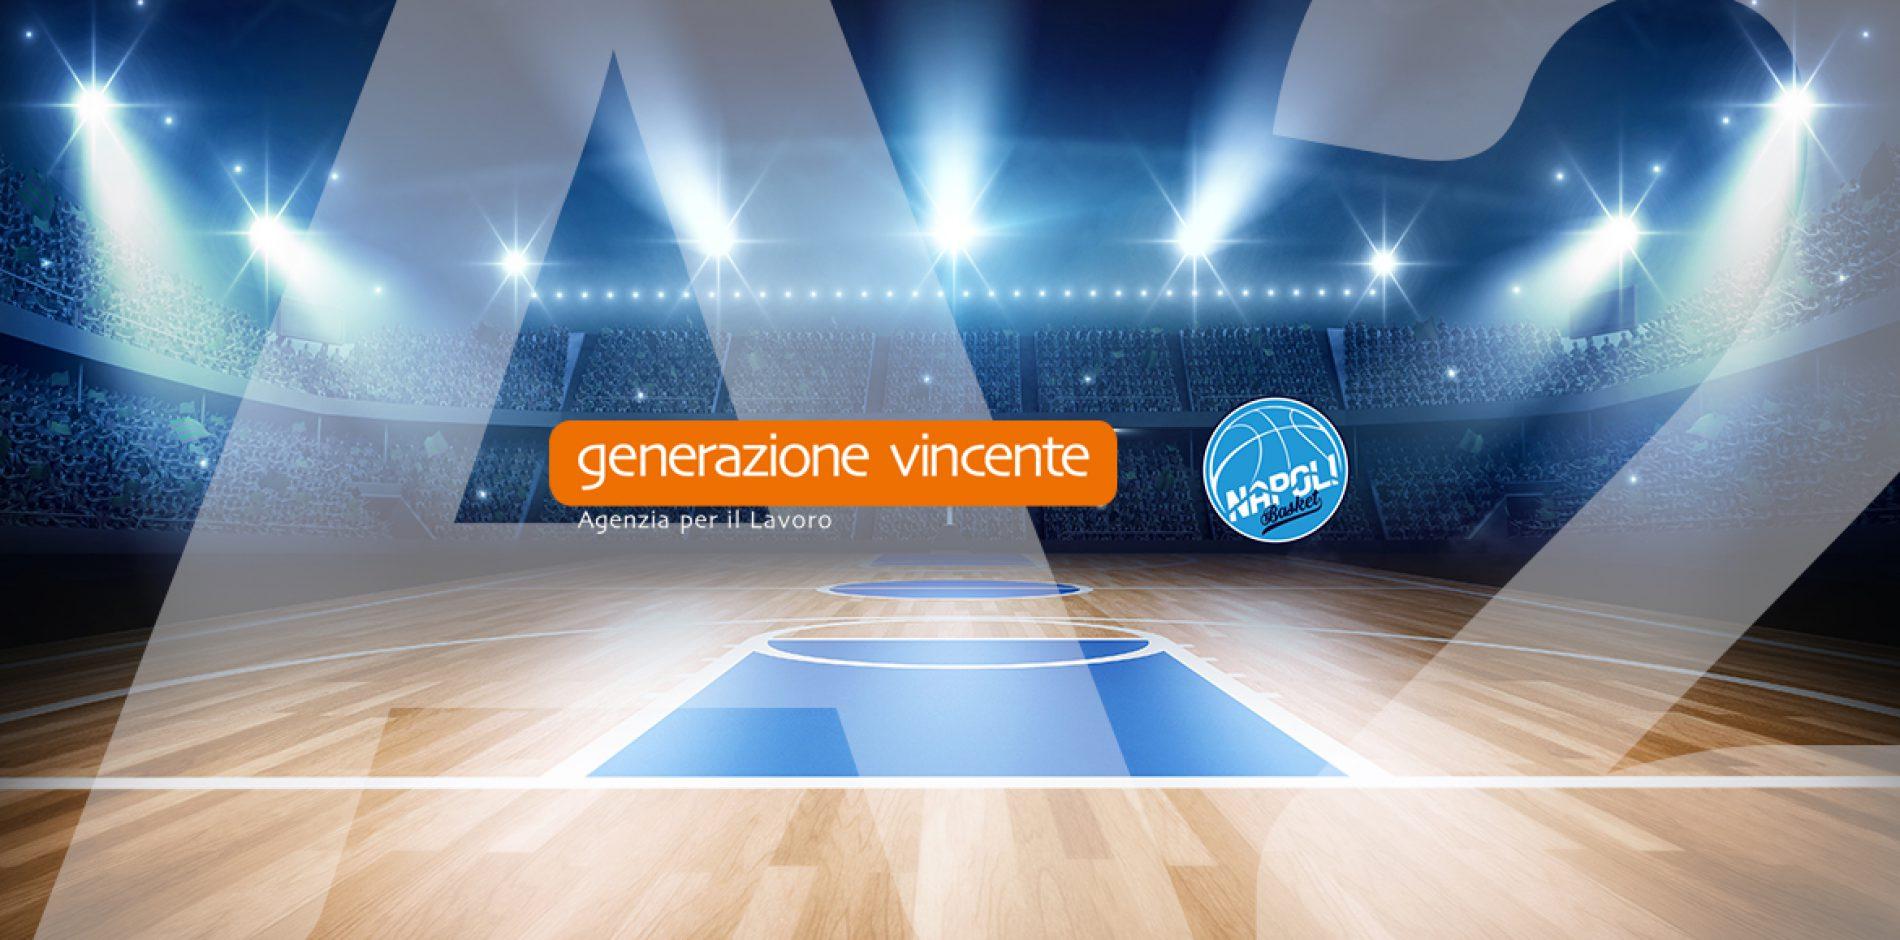 Comunicato ufficiale: Generazione Vincente Napoli basket torna in A2!